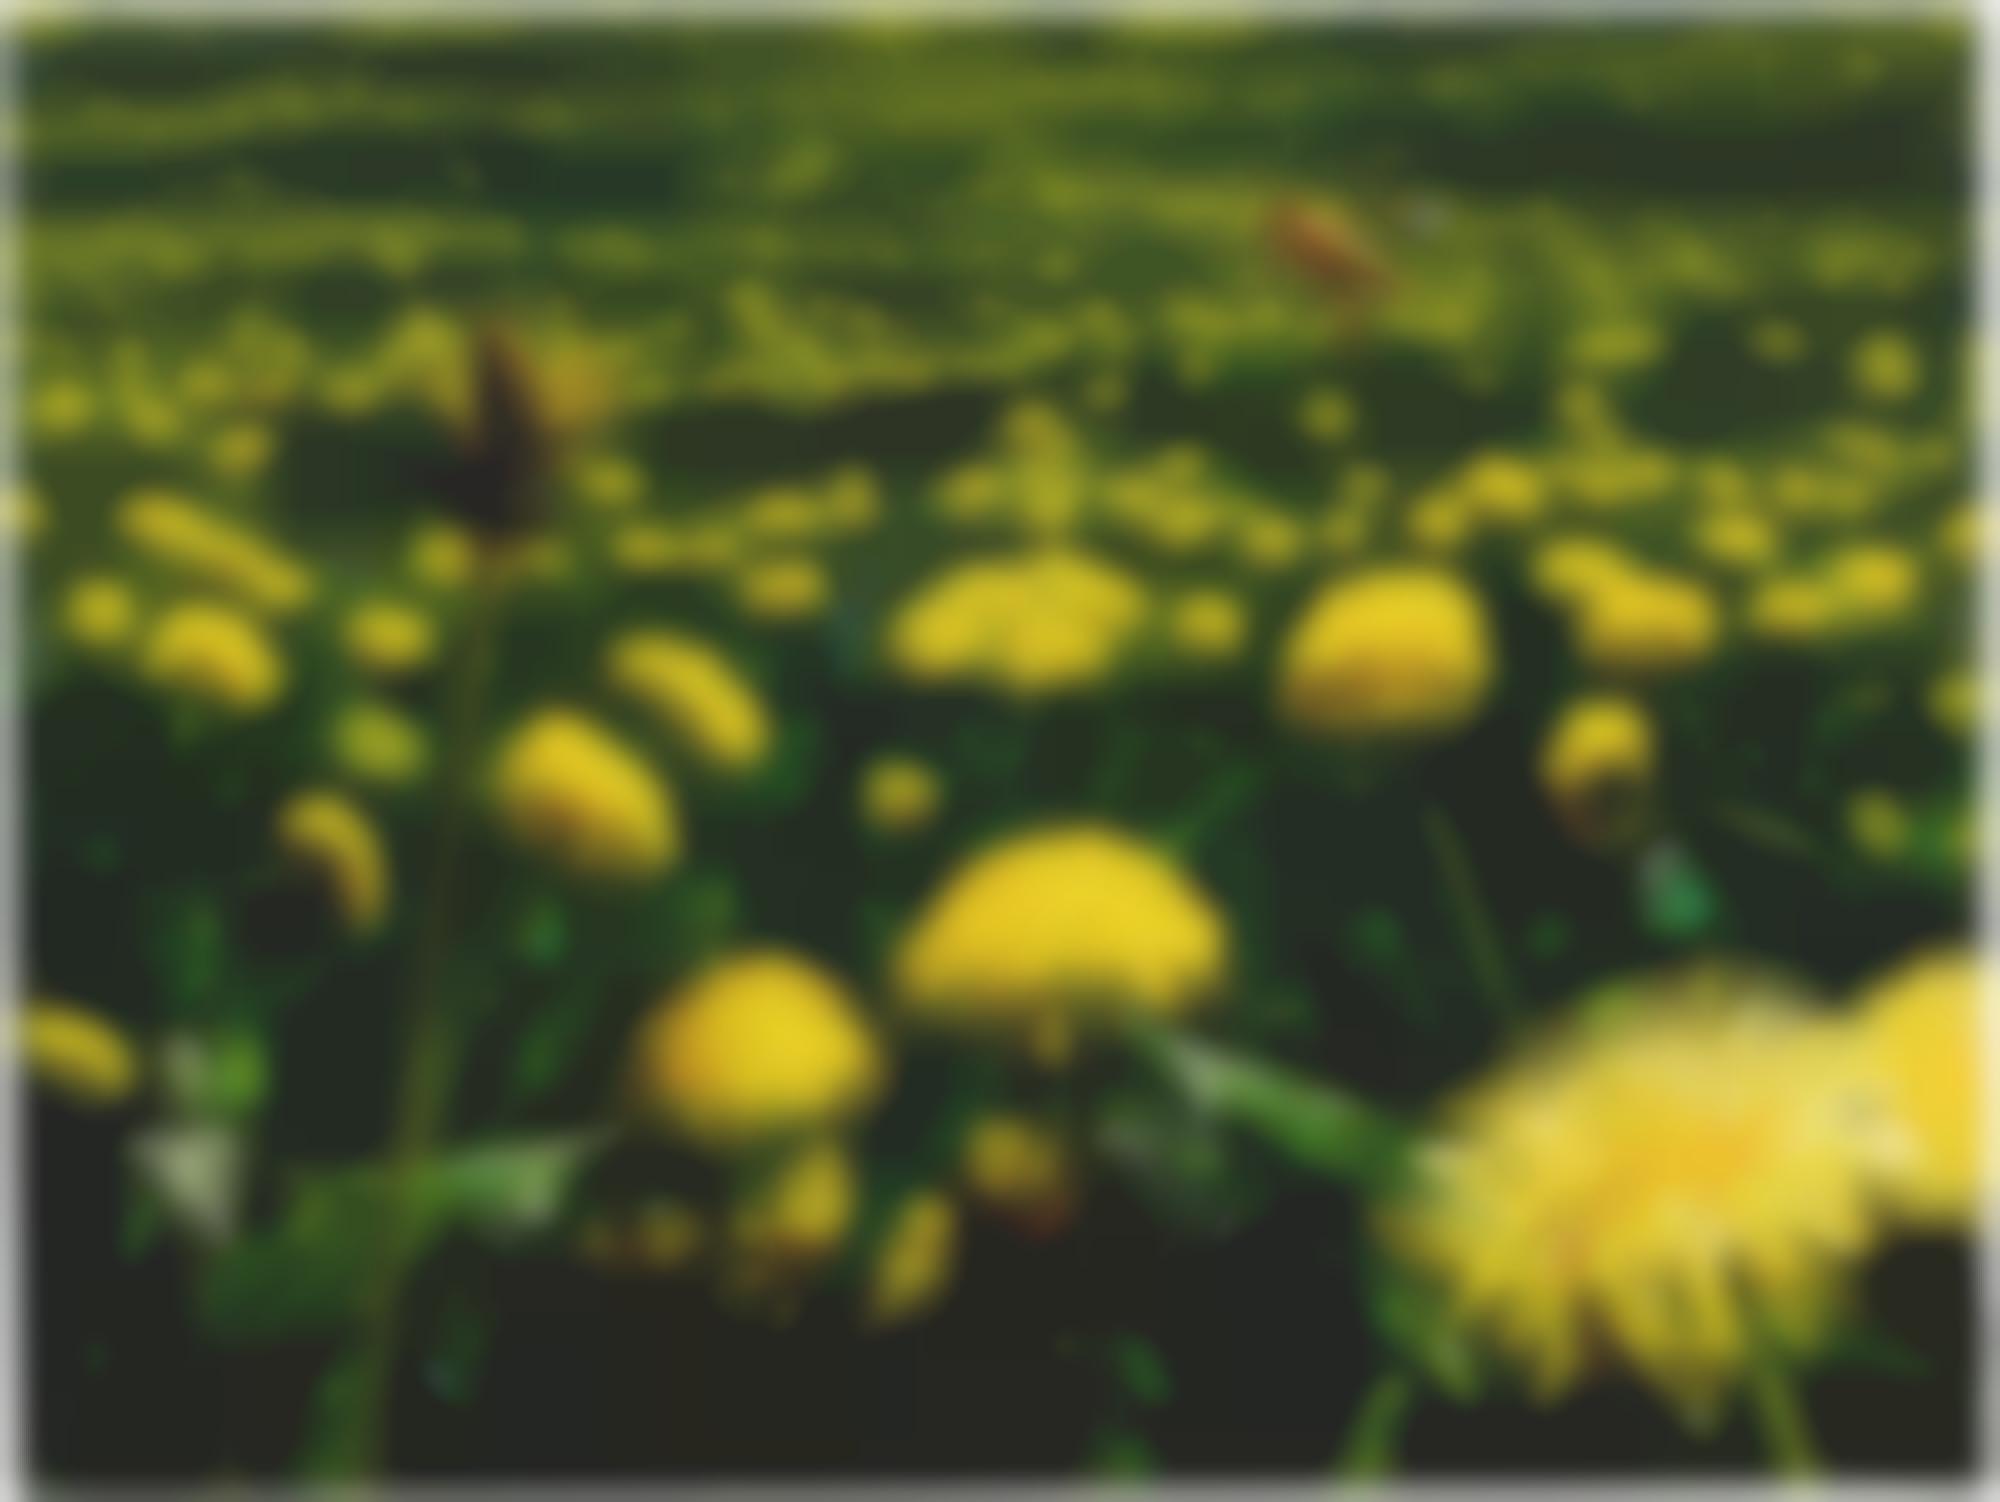 Alexis Rockman-Dandelions-2005